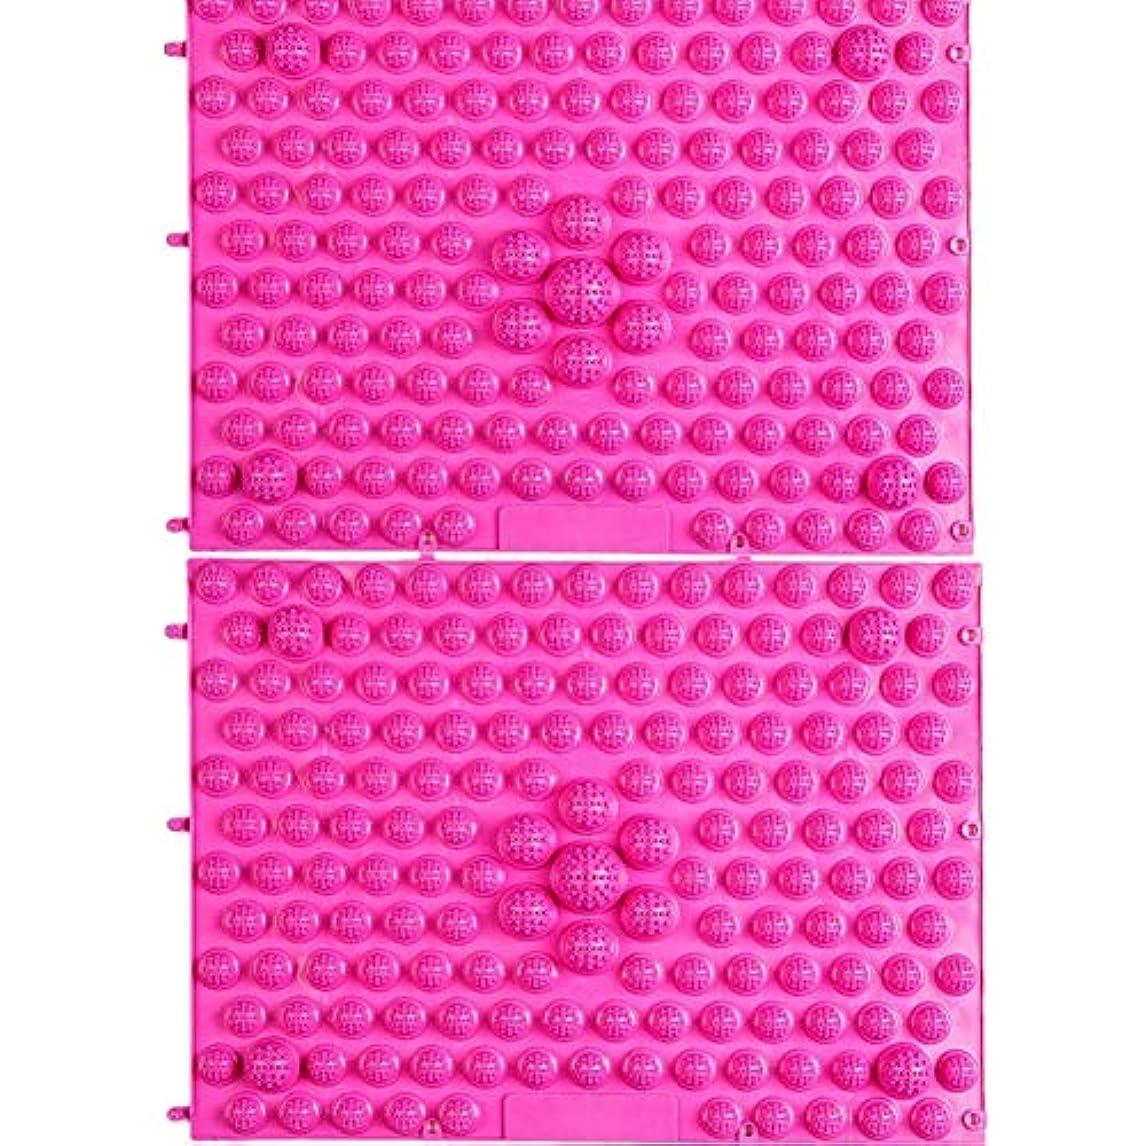 最大の変装した計算するwompolle マッサージ?ツボ押しグッズ 生活に刺激と健康を!足つぼキャニオンマット マッサージ屋さんの健康マット ドラゴンマット 足踏み 足ツボ 2枚組 (Pink)